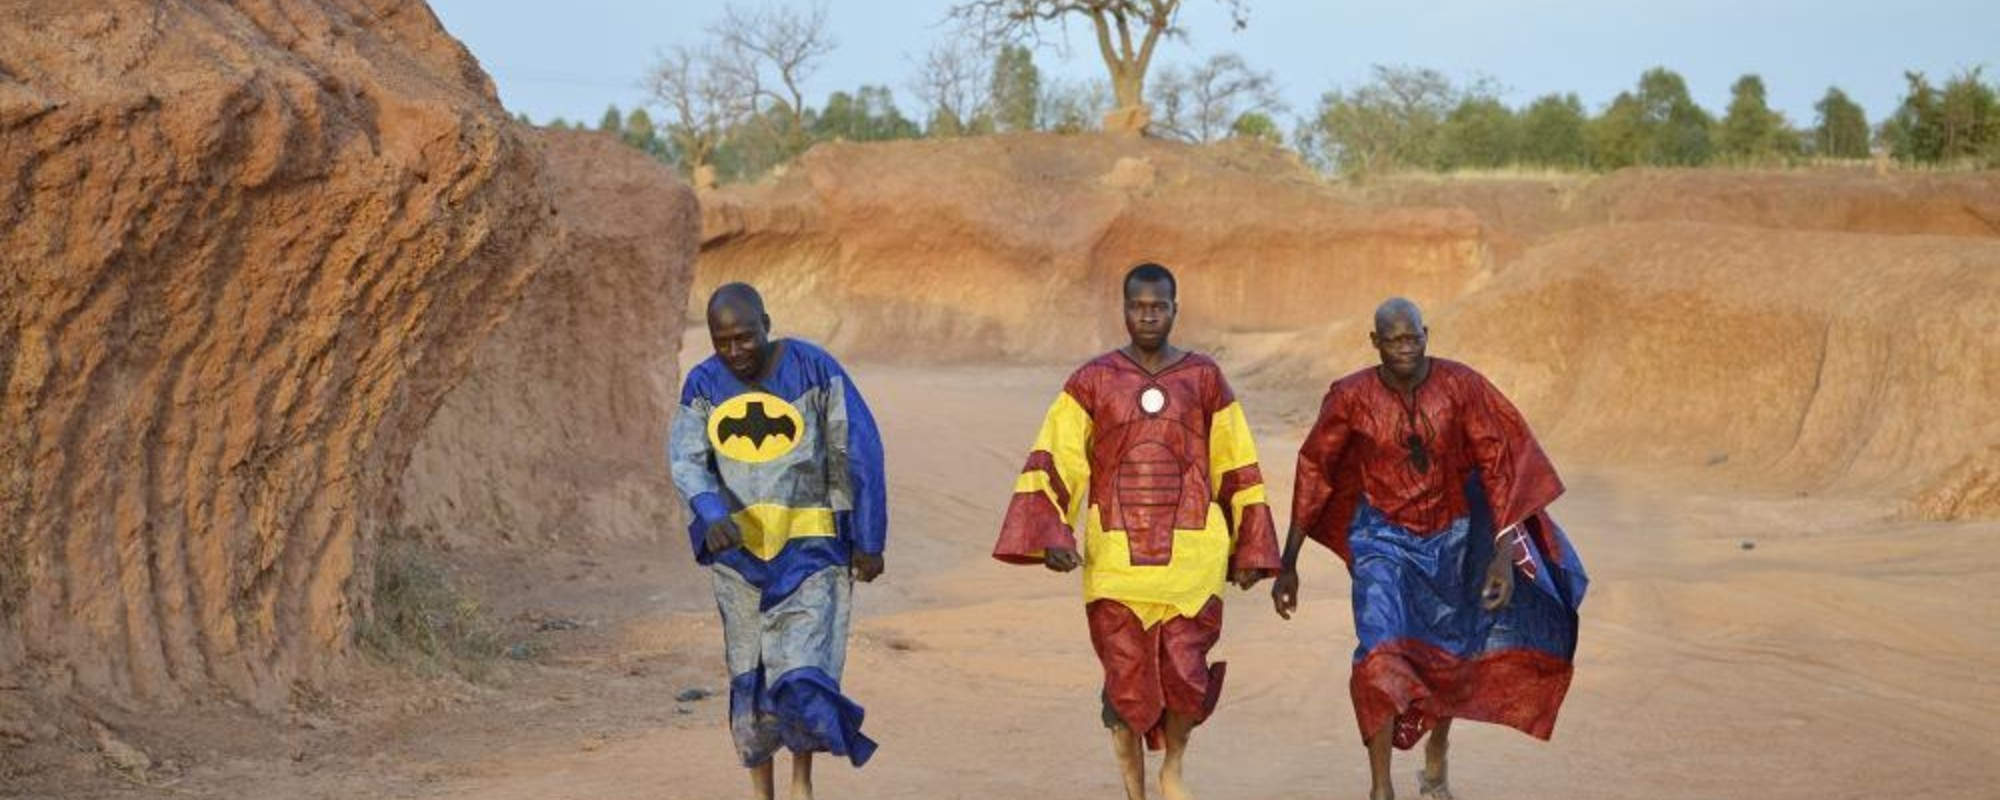 Os super-heróis de Burkina Faso